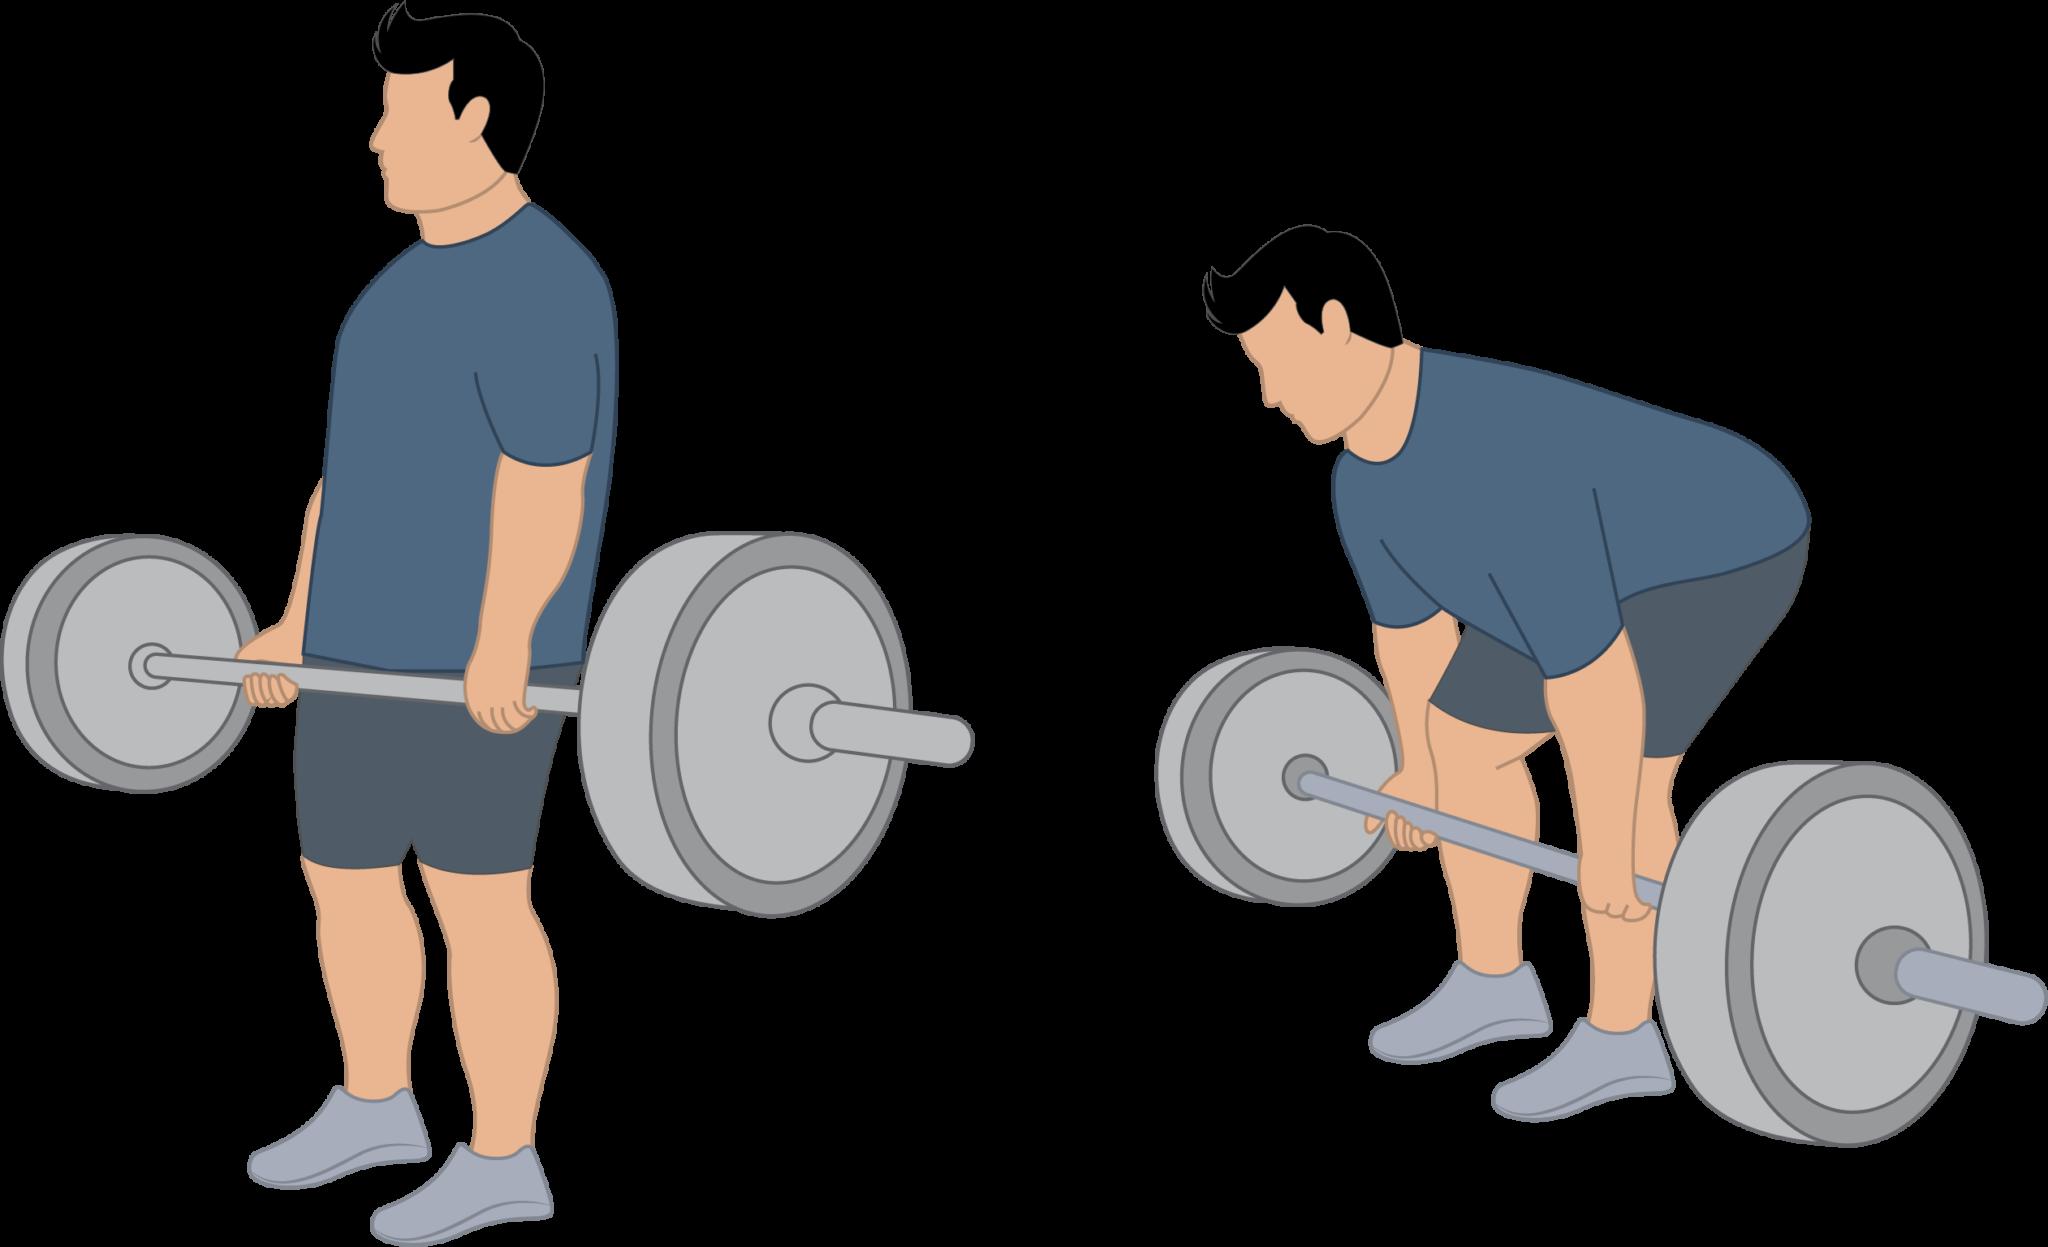 Exercice du soulevé de terre musculation